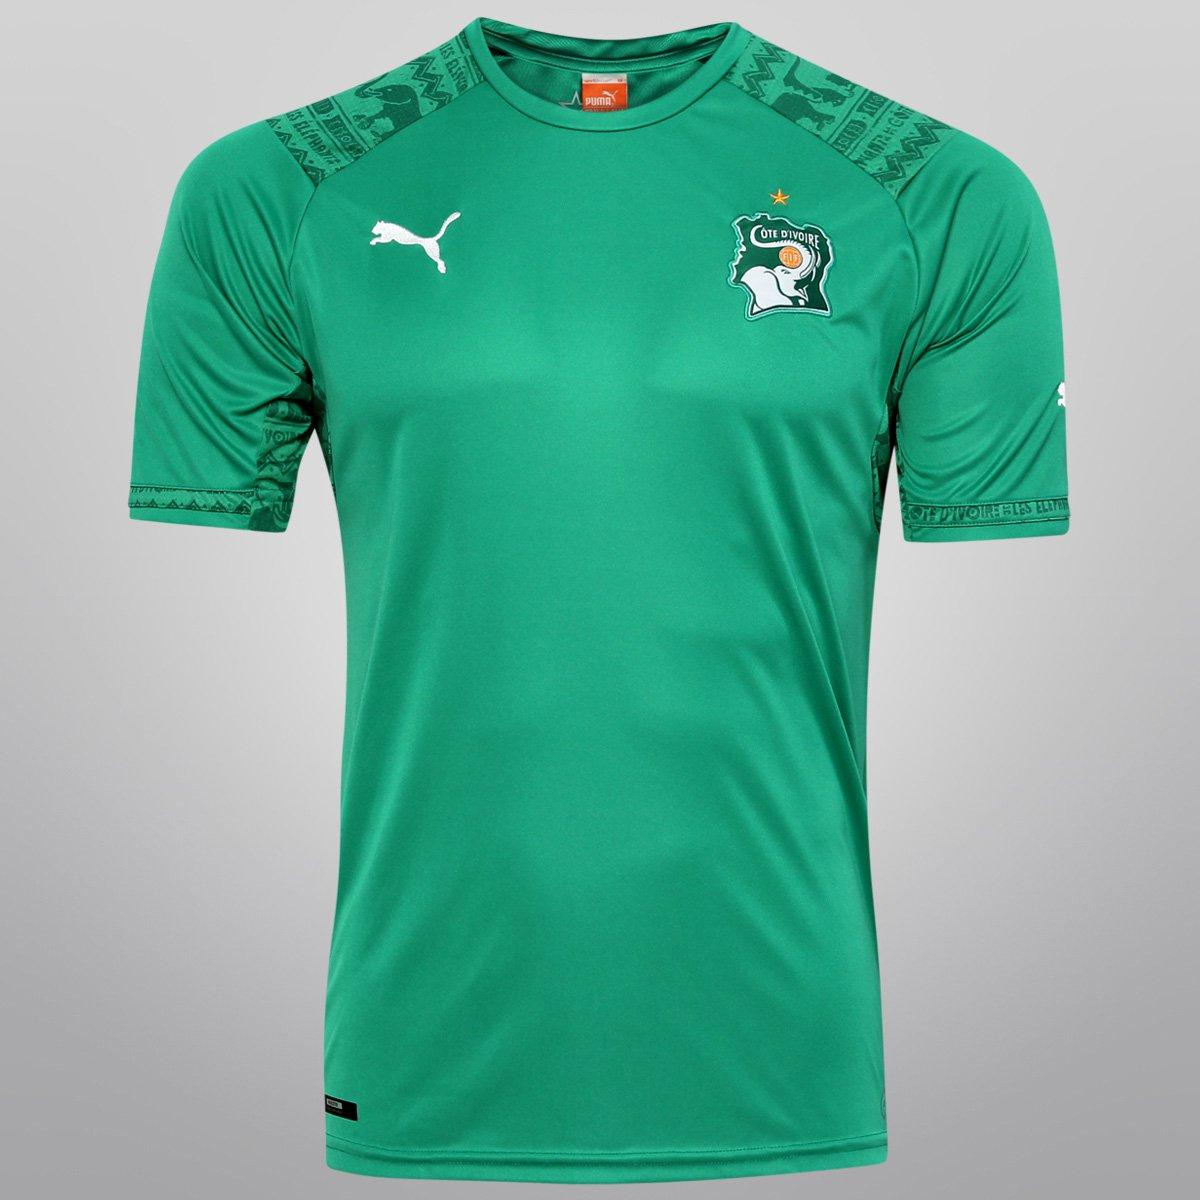 Camisa Puma Seleção Costa do Marfim Away 2014 s nº - Compre Agora ... fd1d71916042b